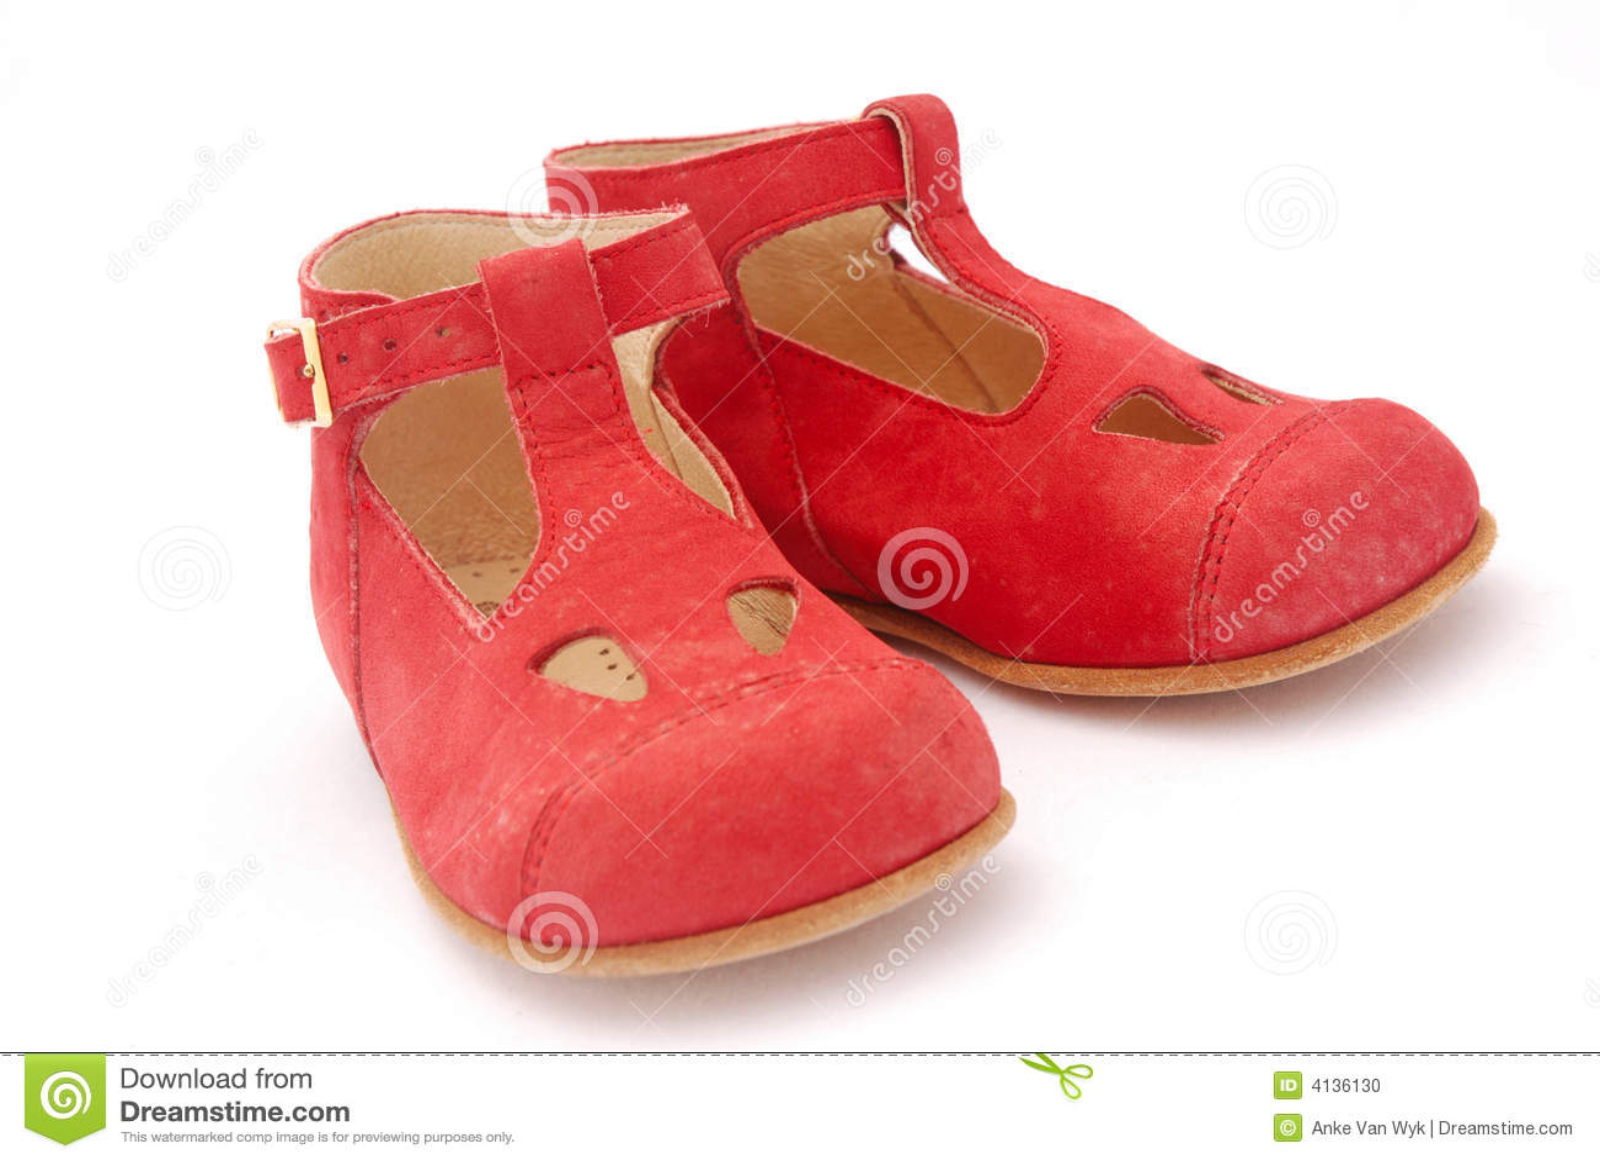 Dziecko czerwone buty